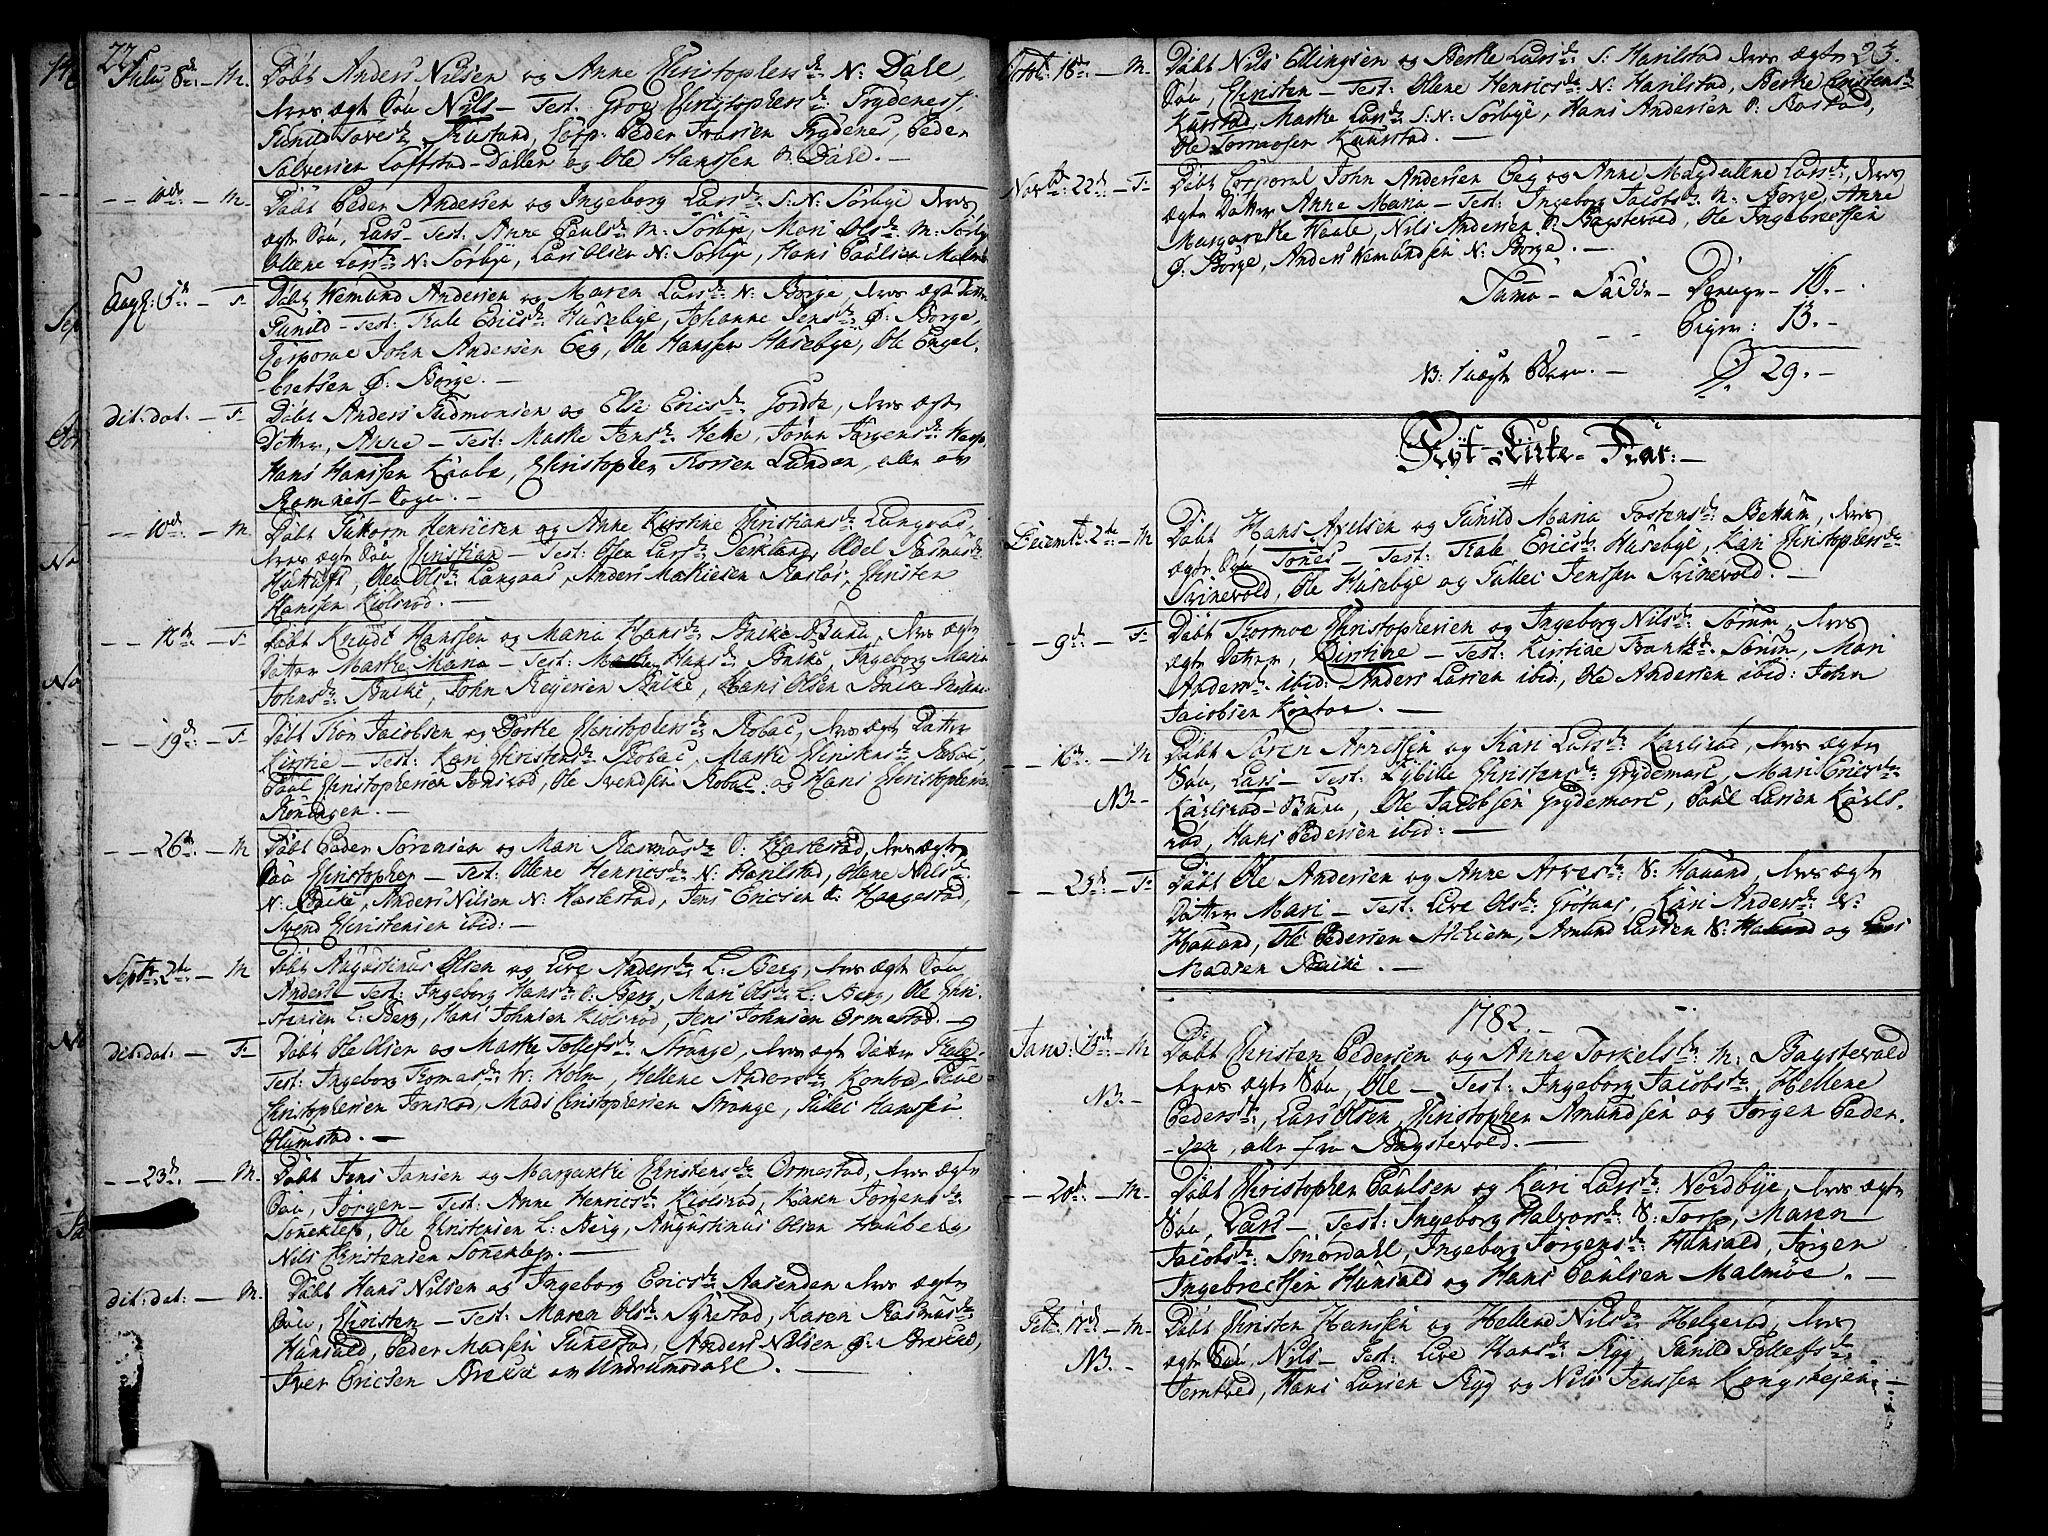 SAKO, Våle kirkebøker, F/Fa/L0005: Ministerialbok nr. I 5, 1773-1808, s. 22-23